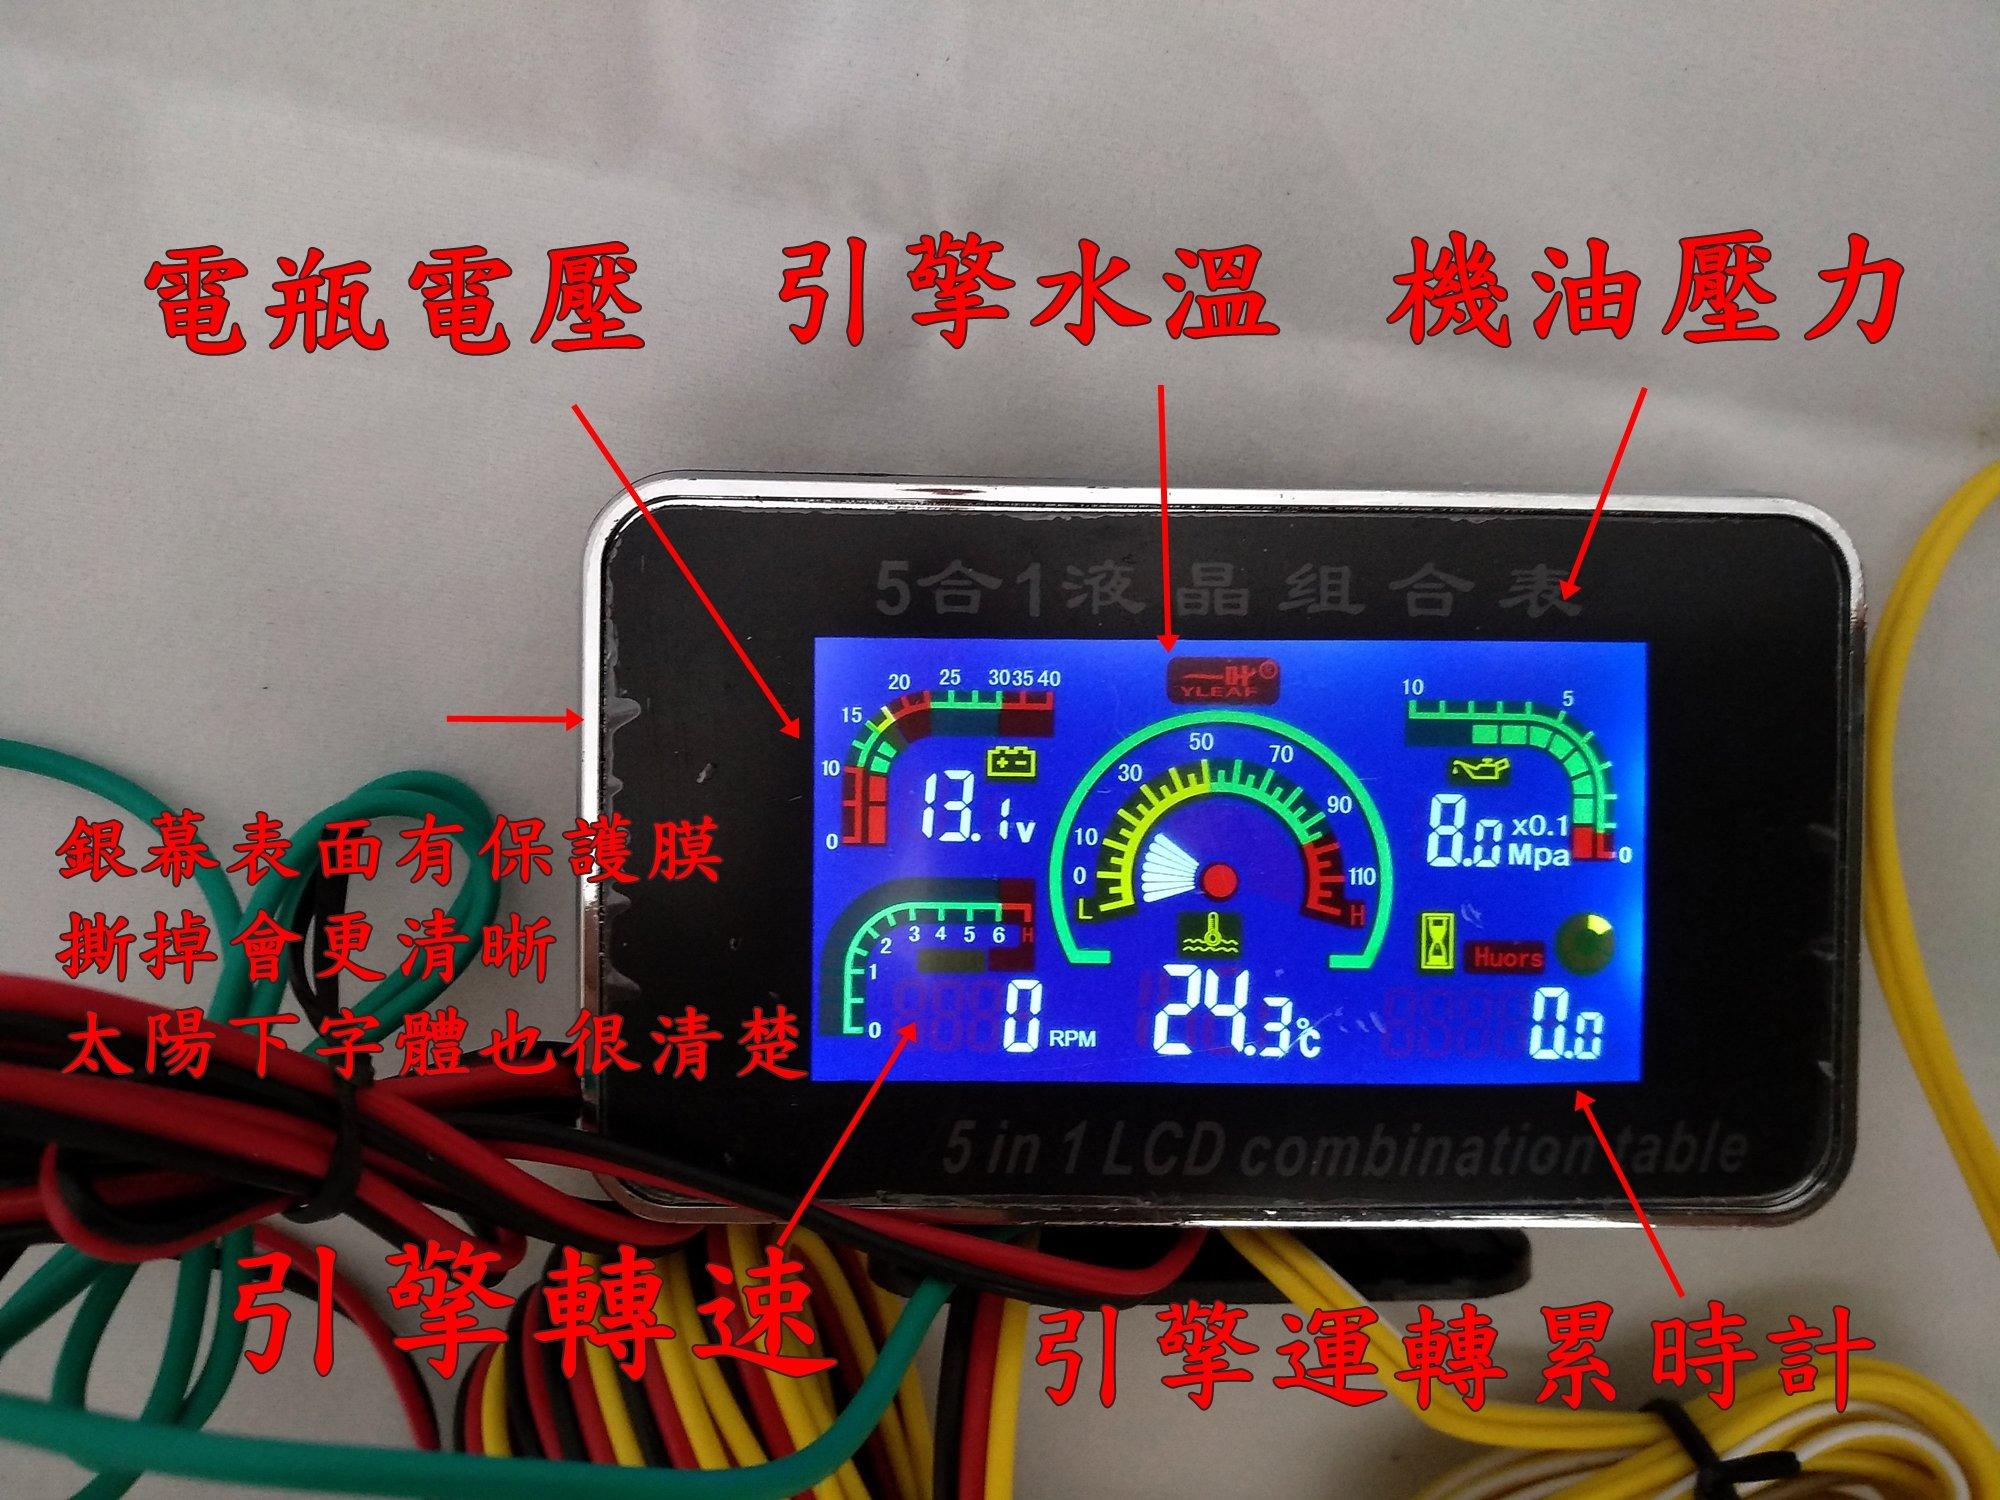 引擎油壓表 水溫表 電壓表 轉速表 引擎時數計 5合1 , 改裝儀表板 發電機 柴油引擎可用 KUBOTA 非DEFI